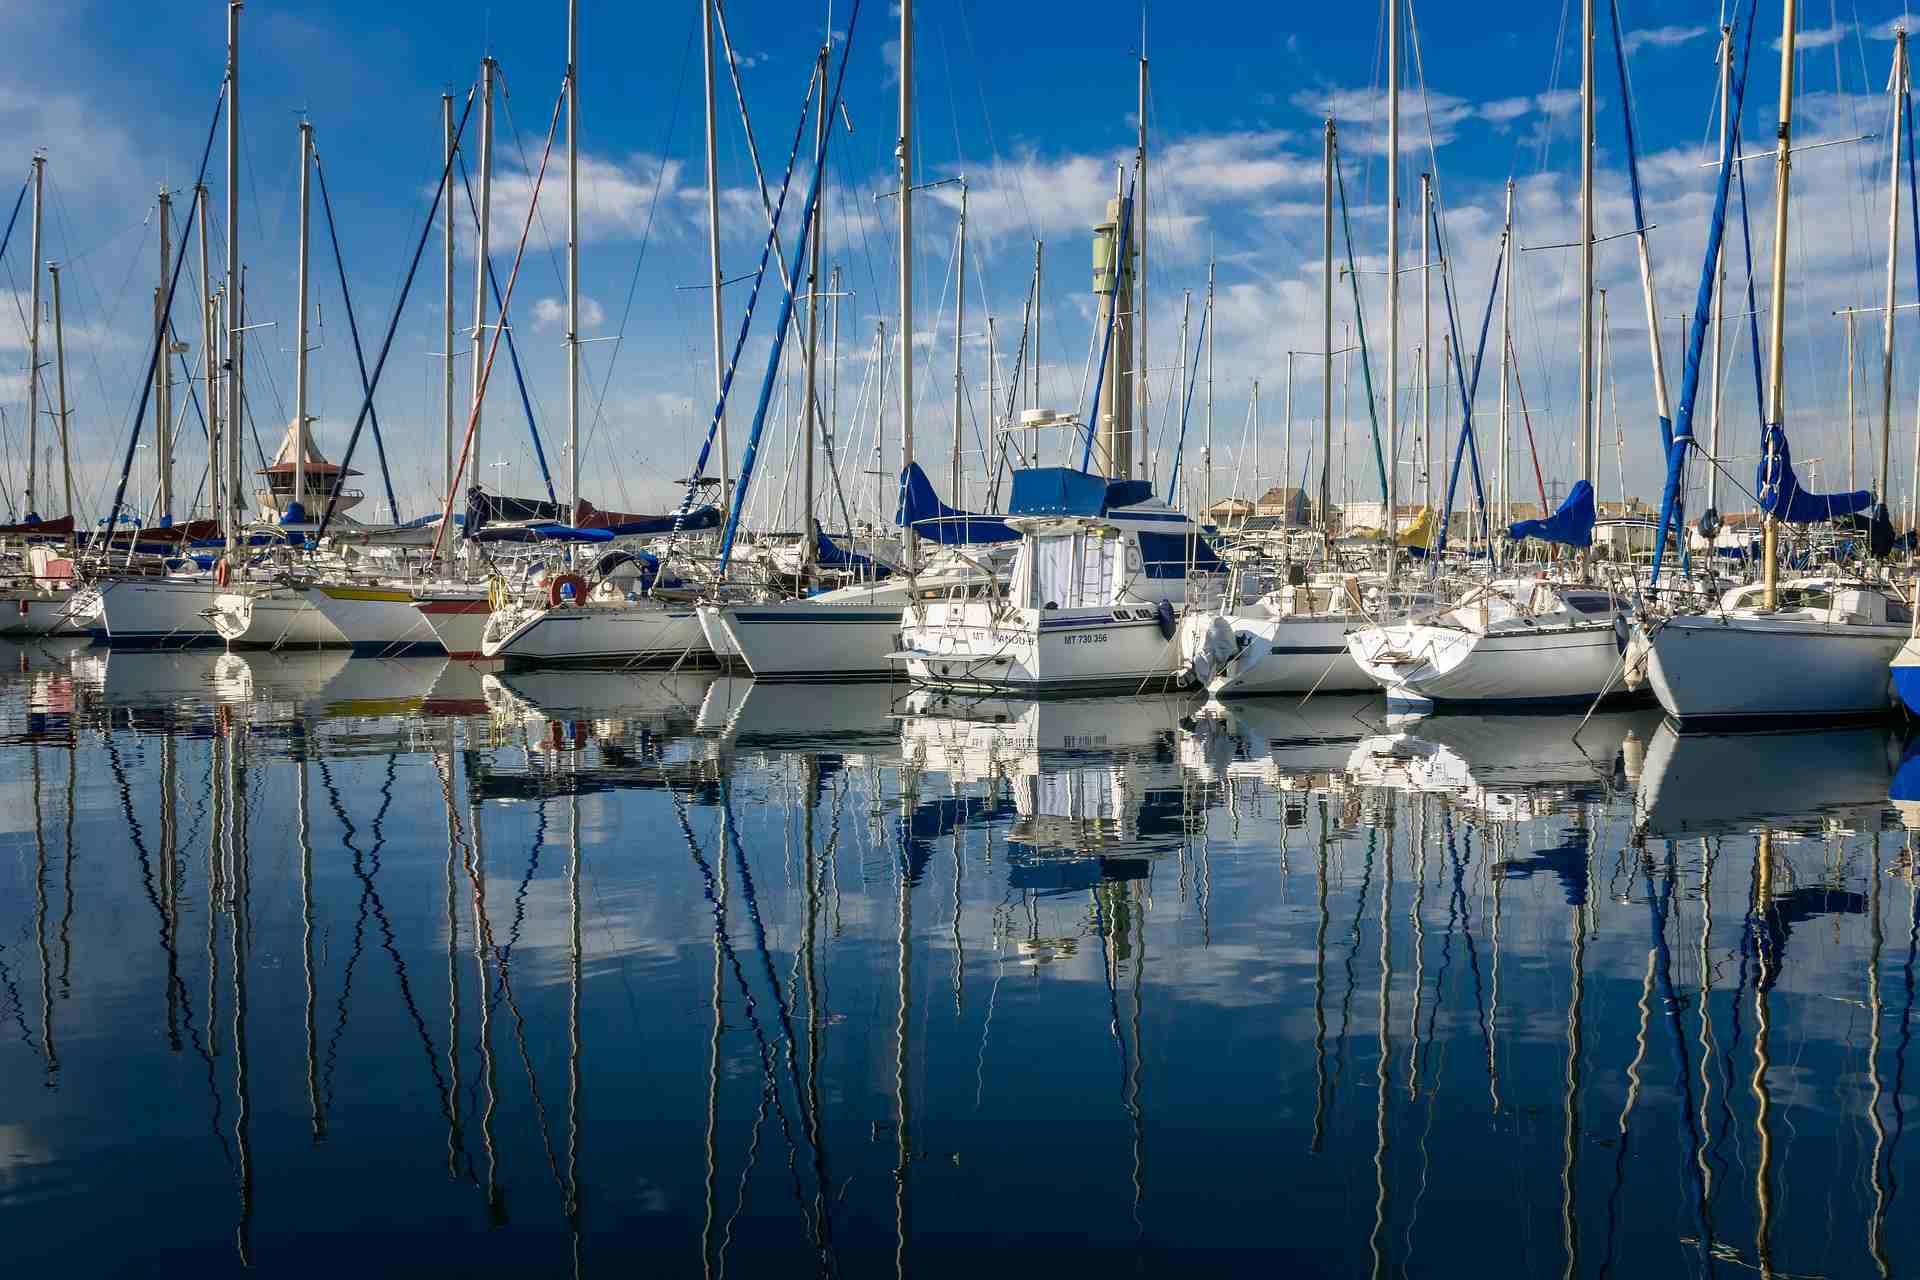 motor yachts at marina